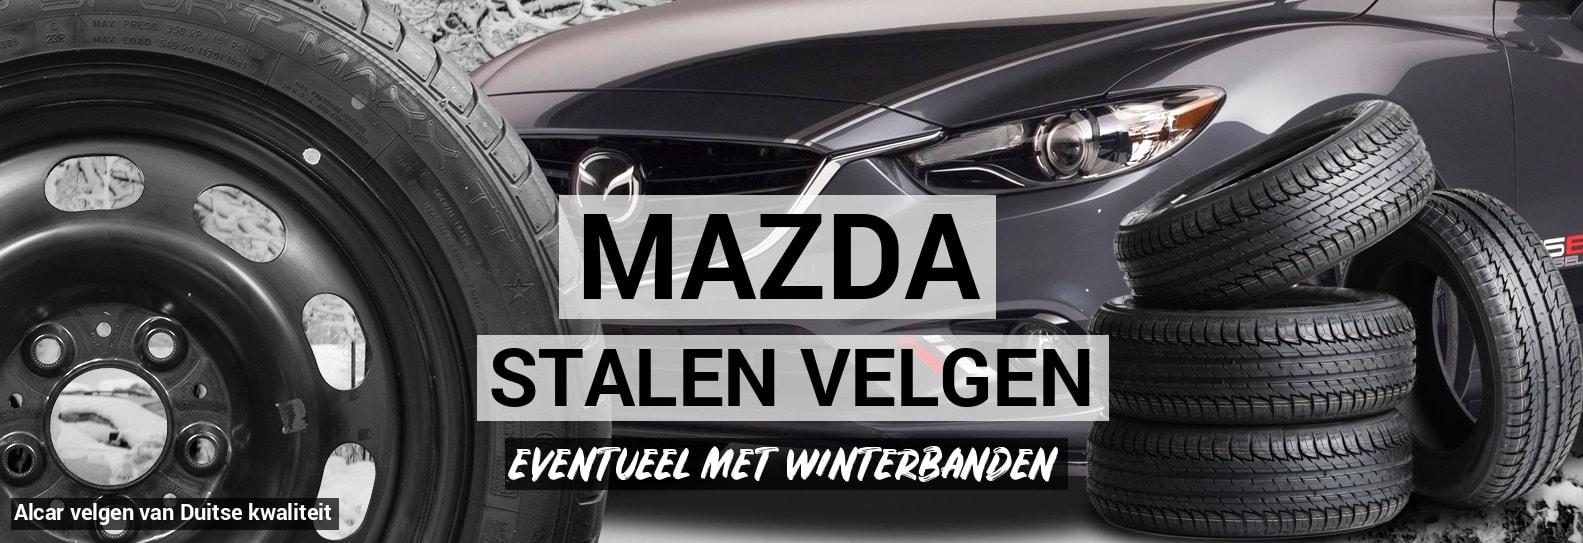 Stalen Velgen Mazda Autobanden Prijsvechter Online